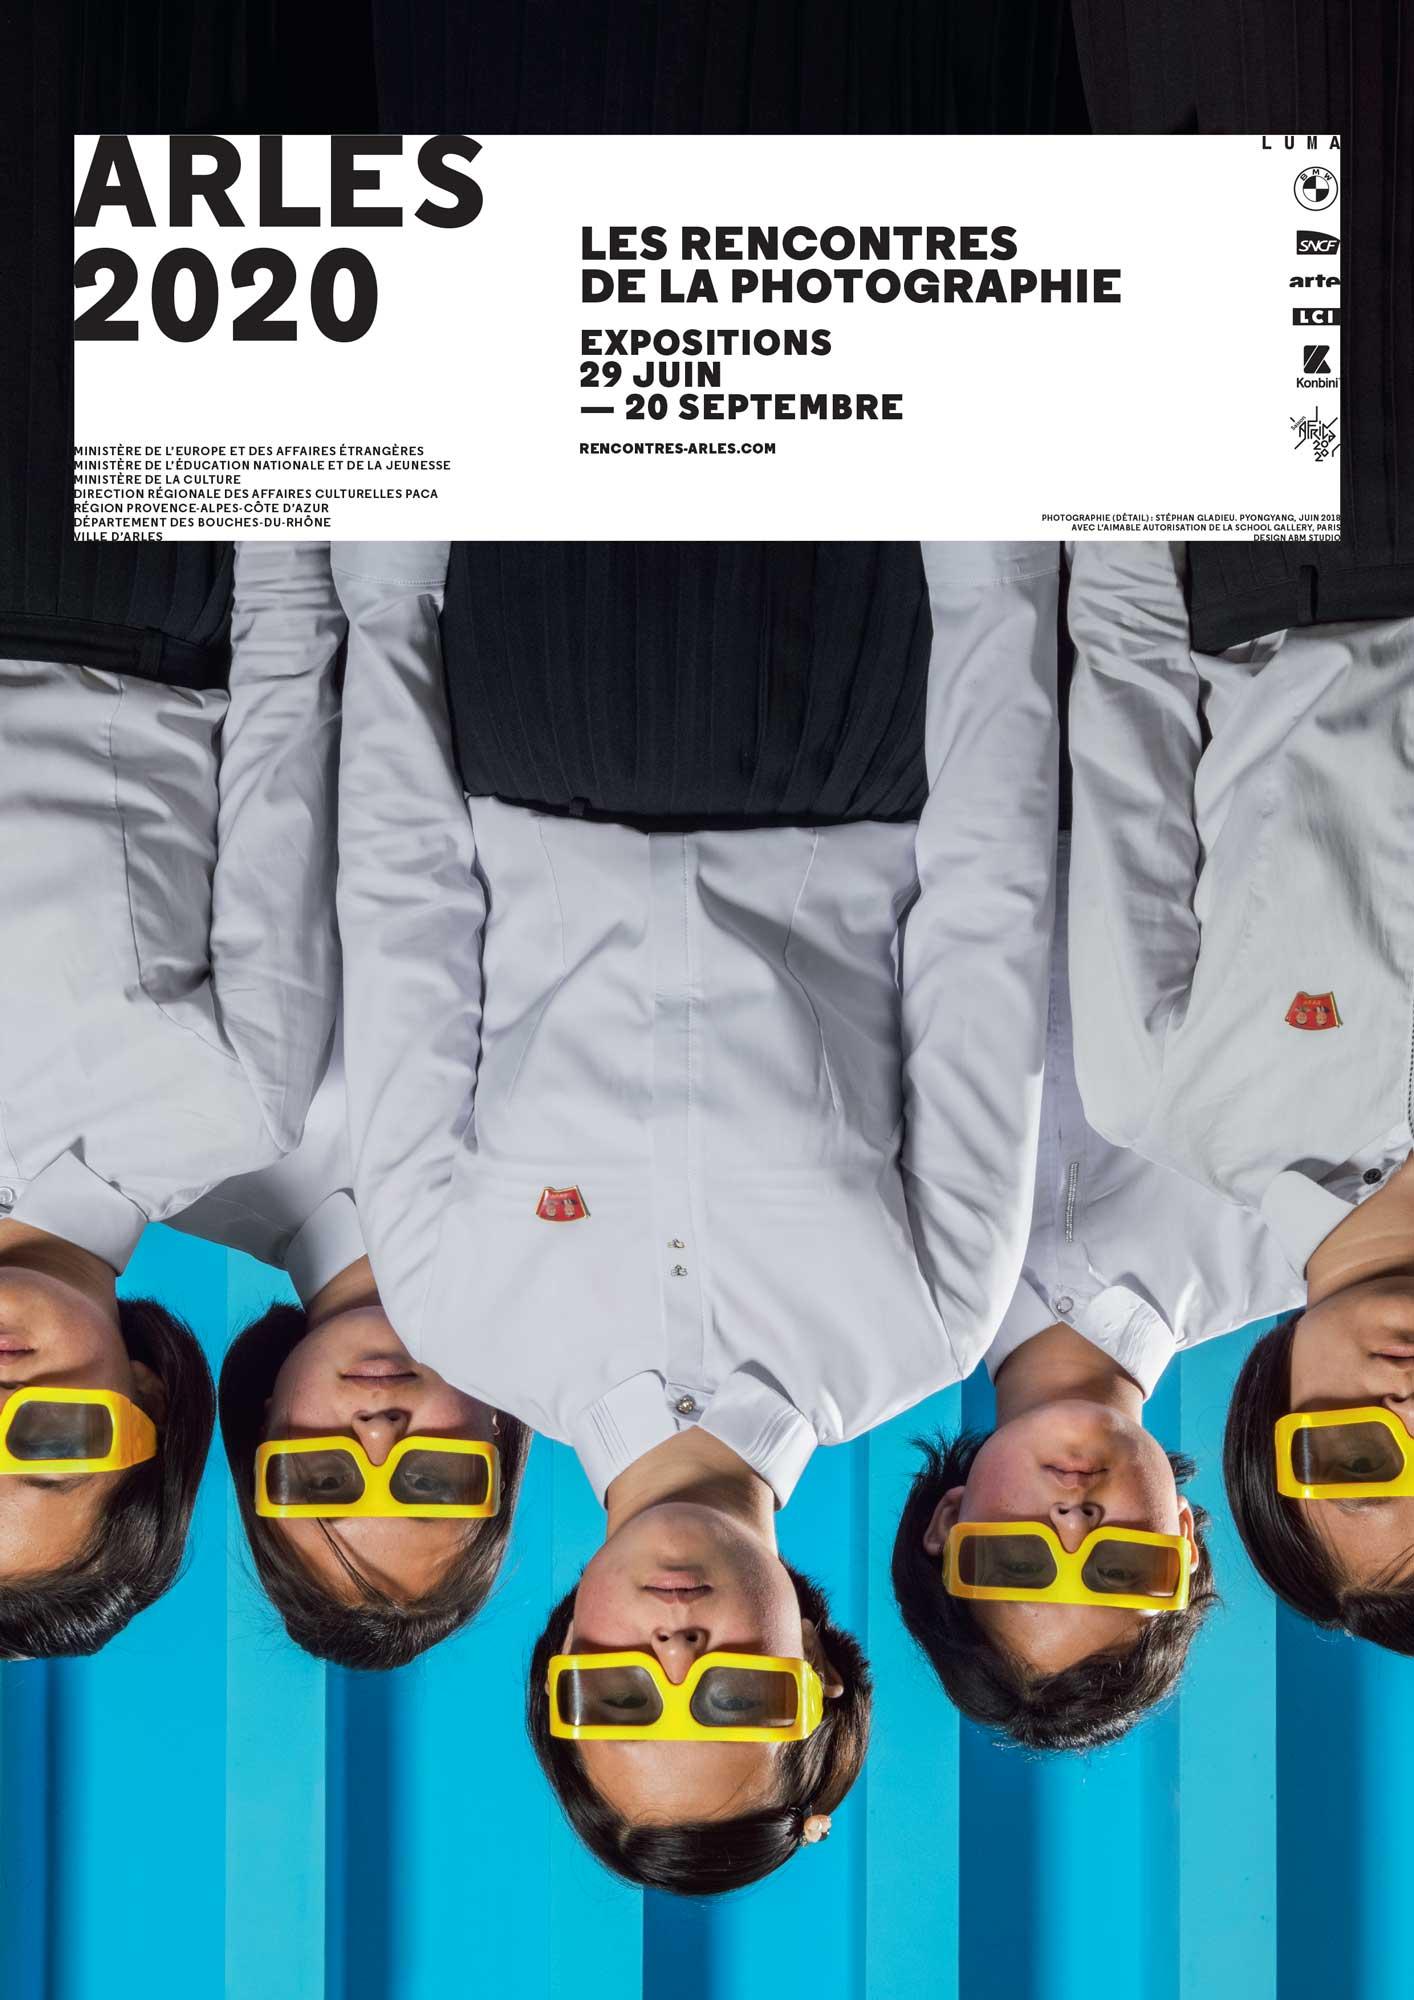 rencontres de la photographie d arles 2020